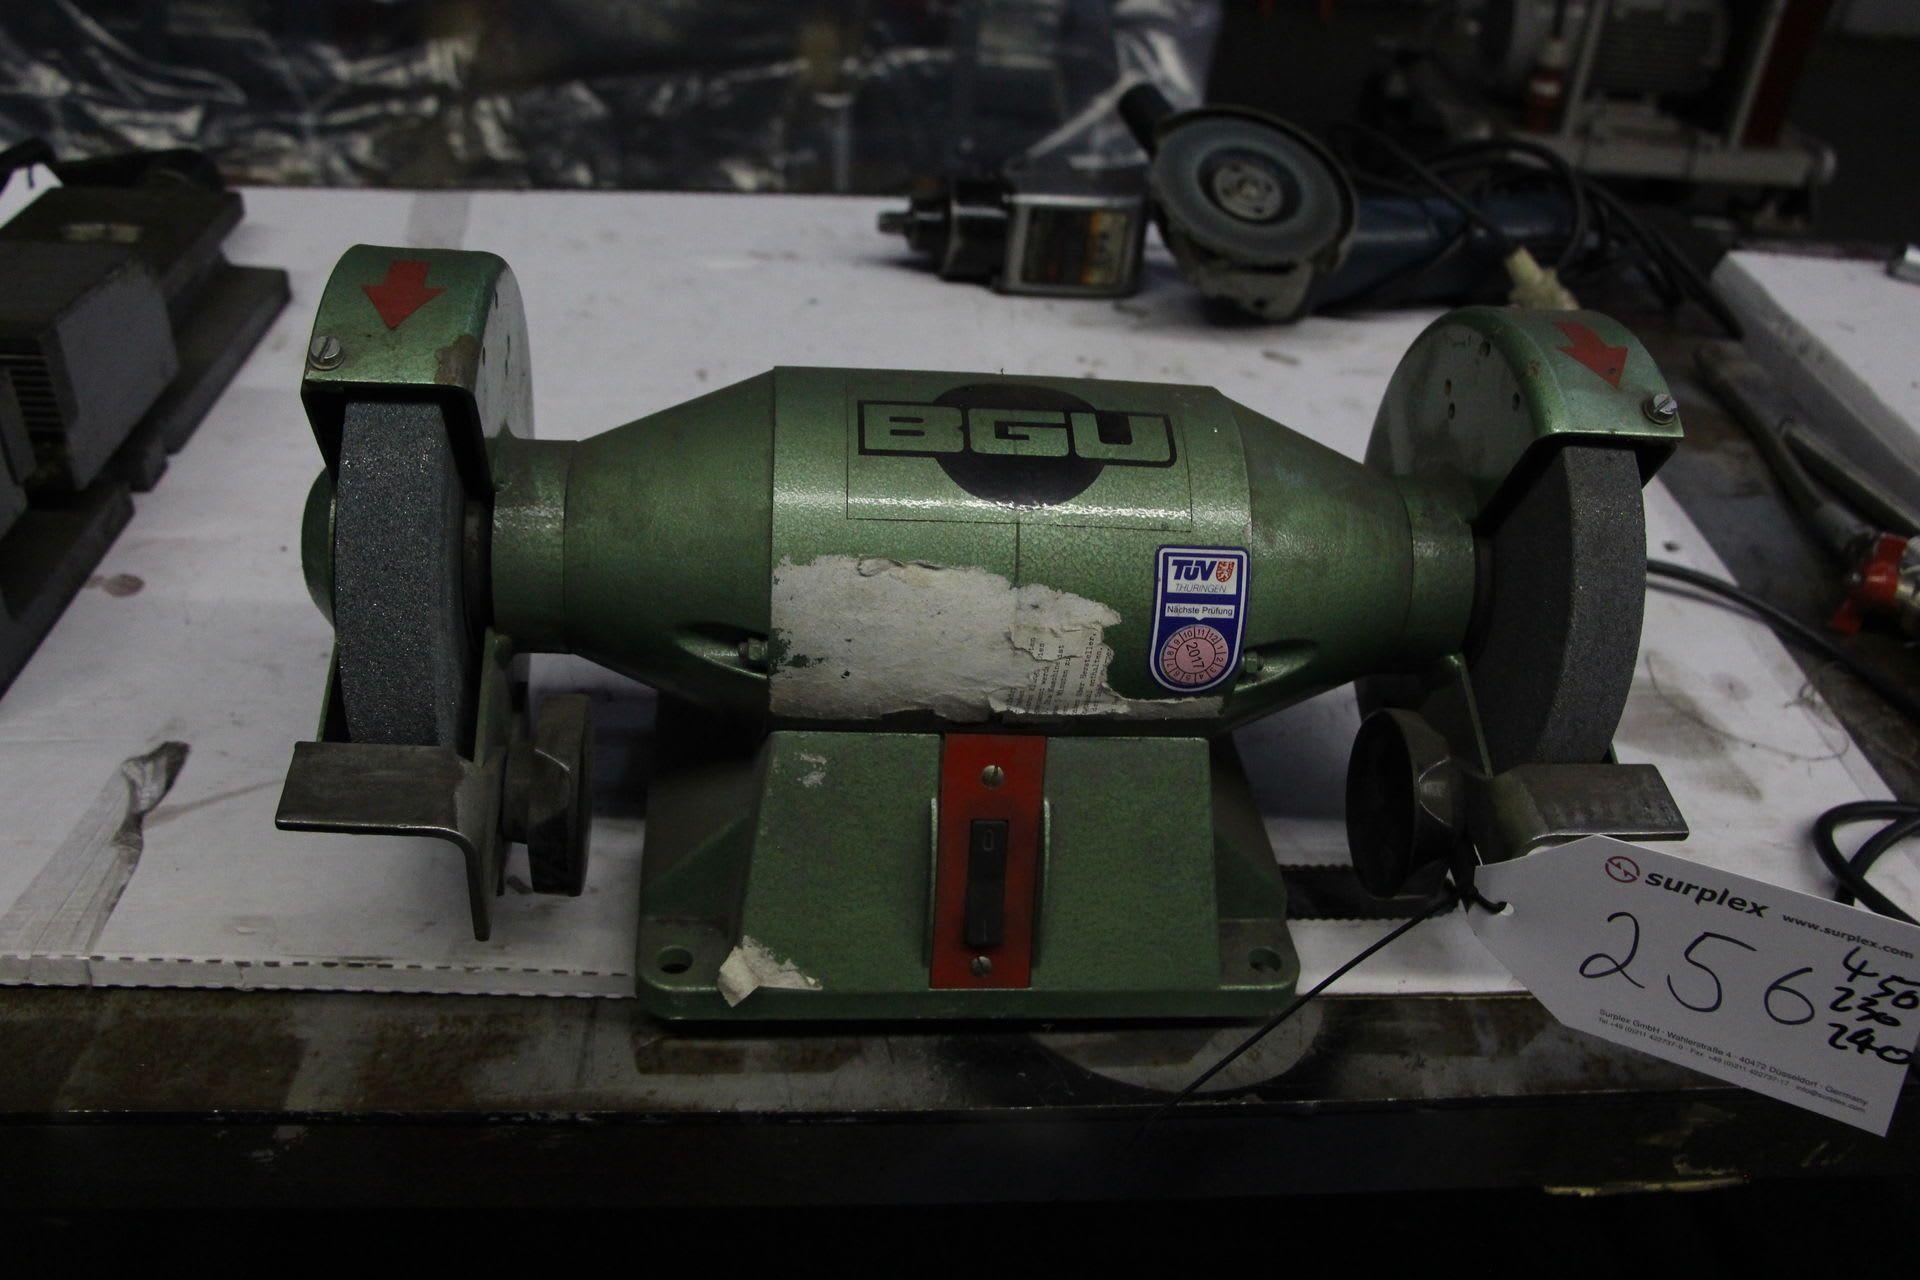 BGU ES 175/25 Doppelschleifmaschine